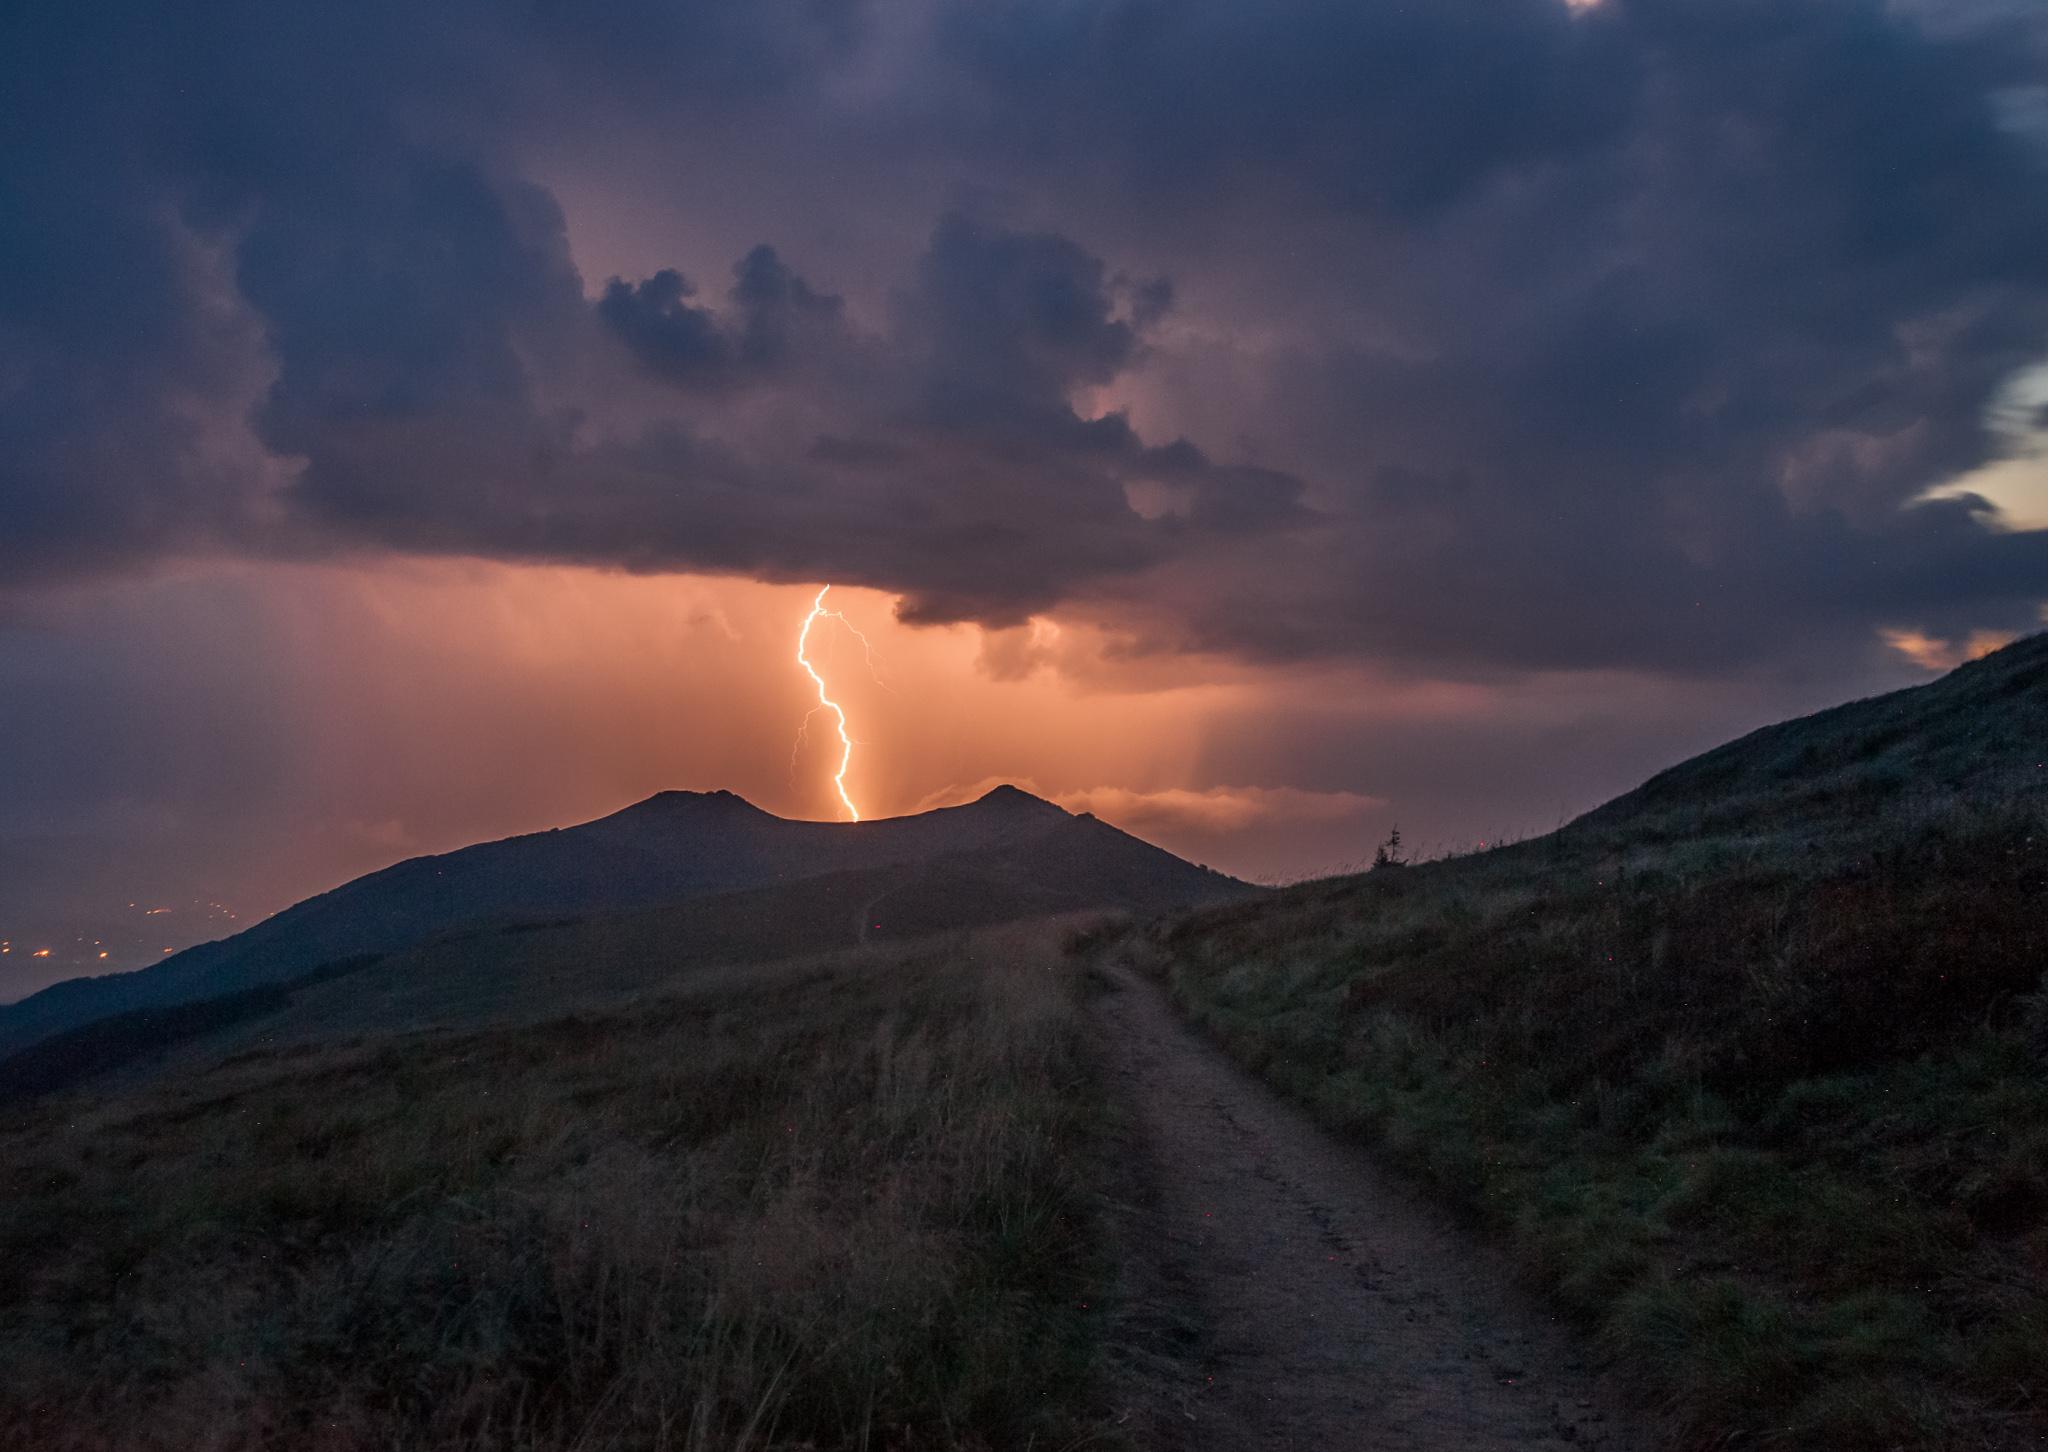 Burza przy Chatce Puchatka, zdj. Szymon Ziemba Fotografia